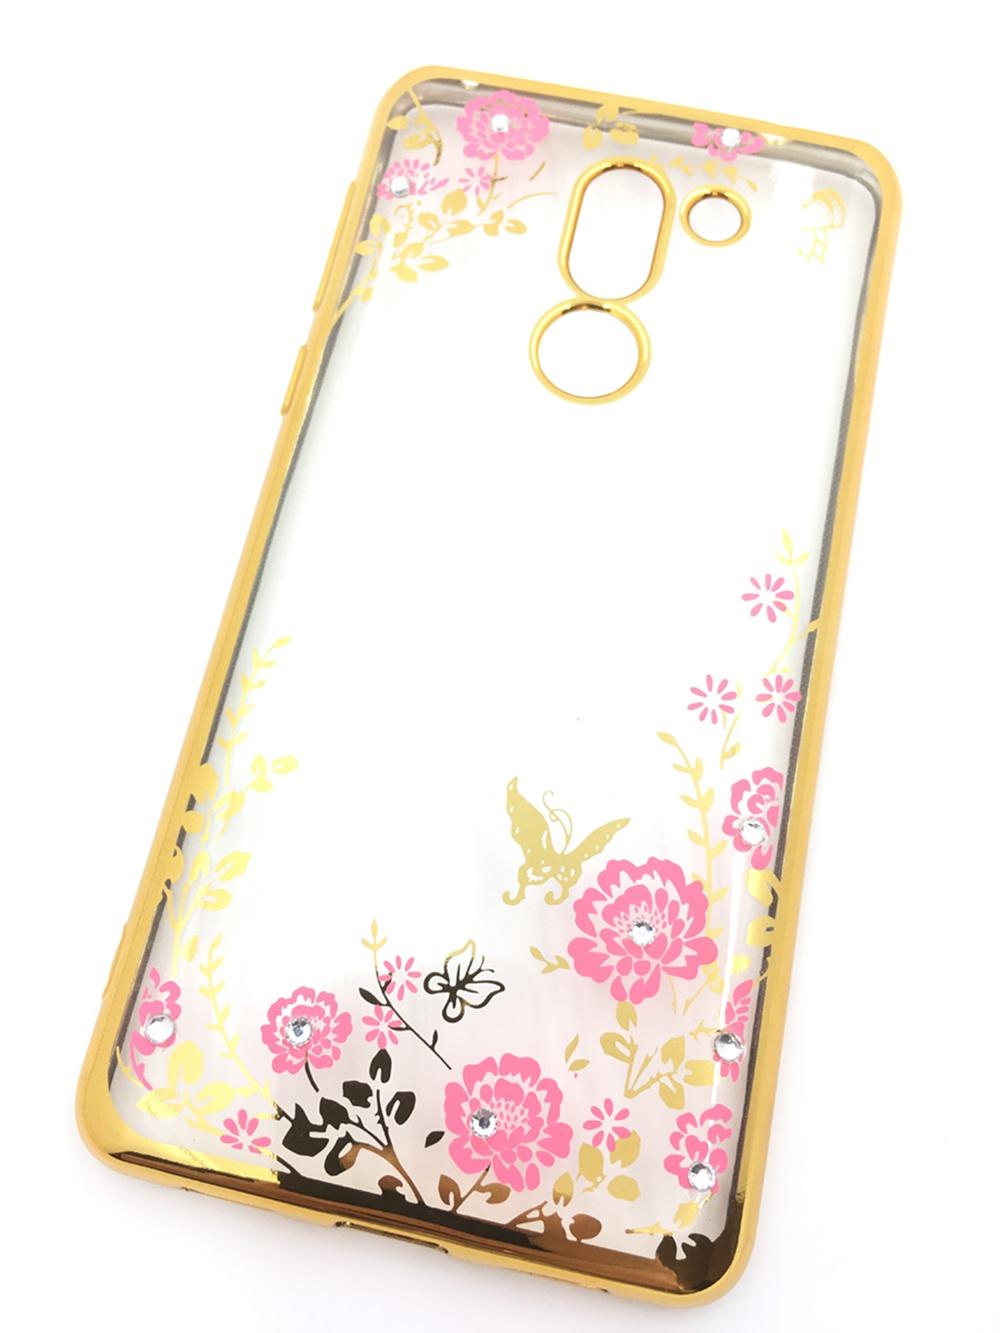 Чехол для сотового телефона Мобильная мода Huawei Honor 6X Силиконовая, прозрачная накладка со стразами, золотой